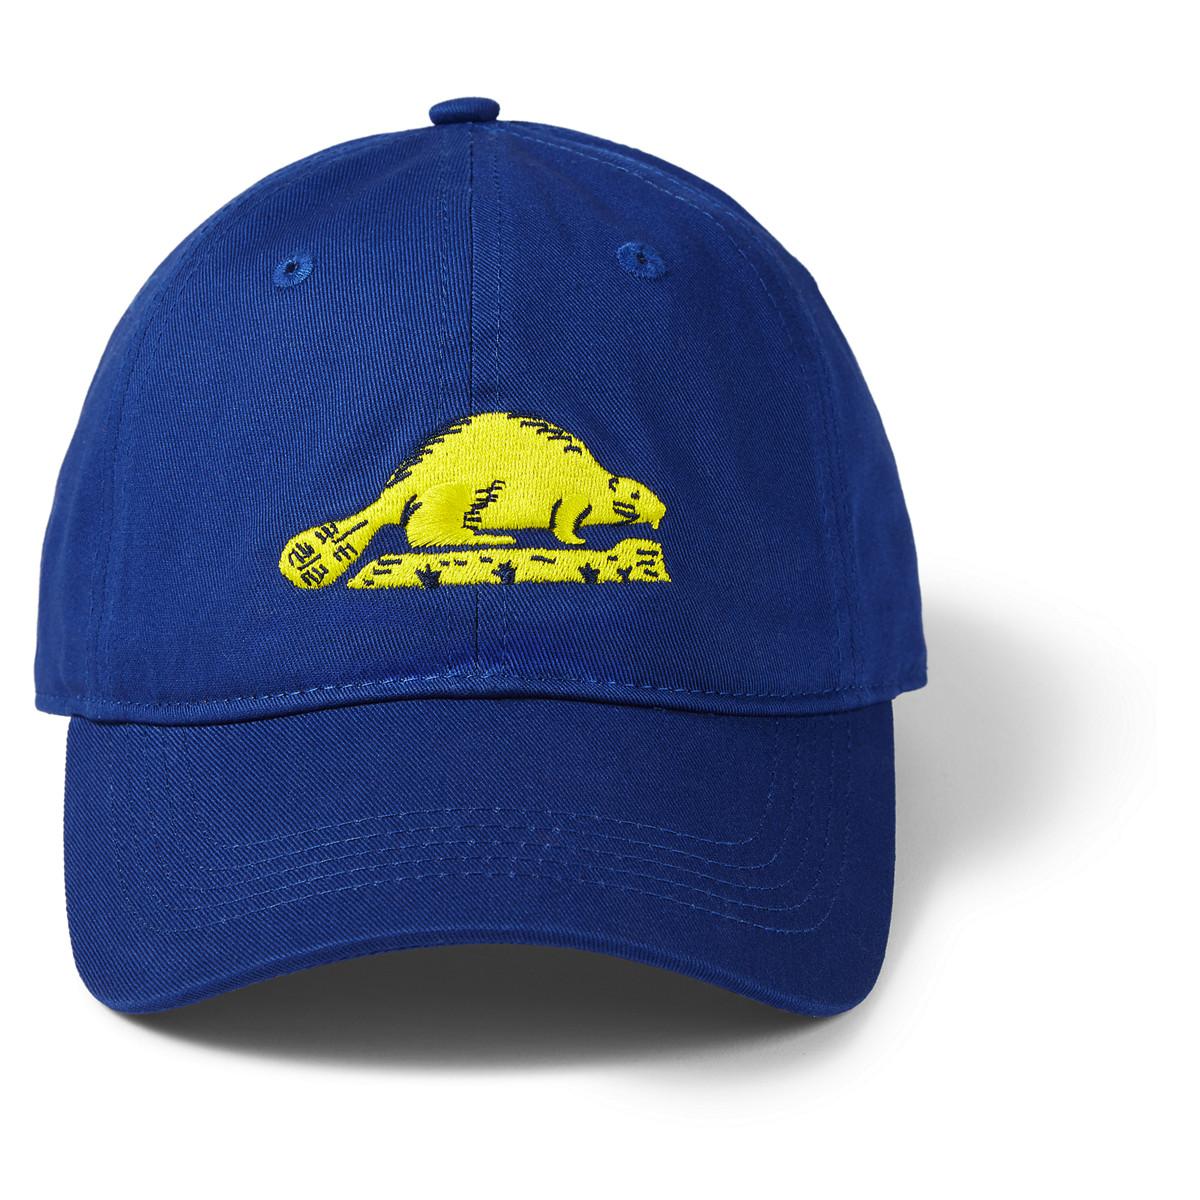 Danner Beaver Hat - Navy